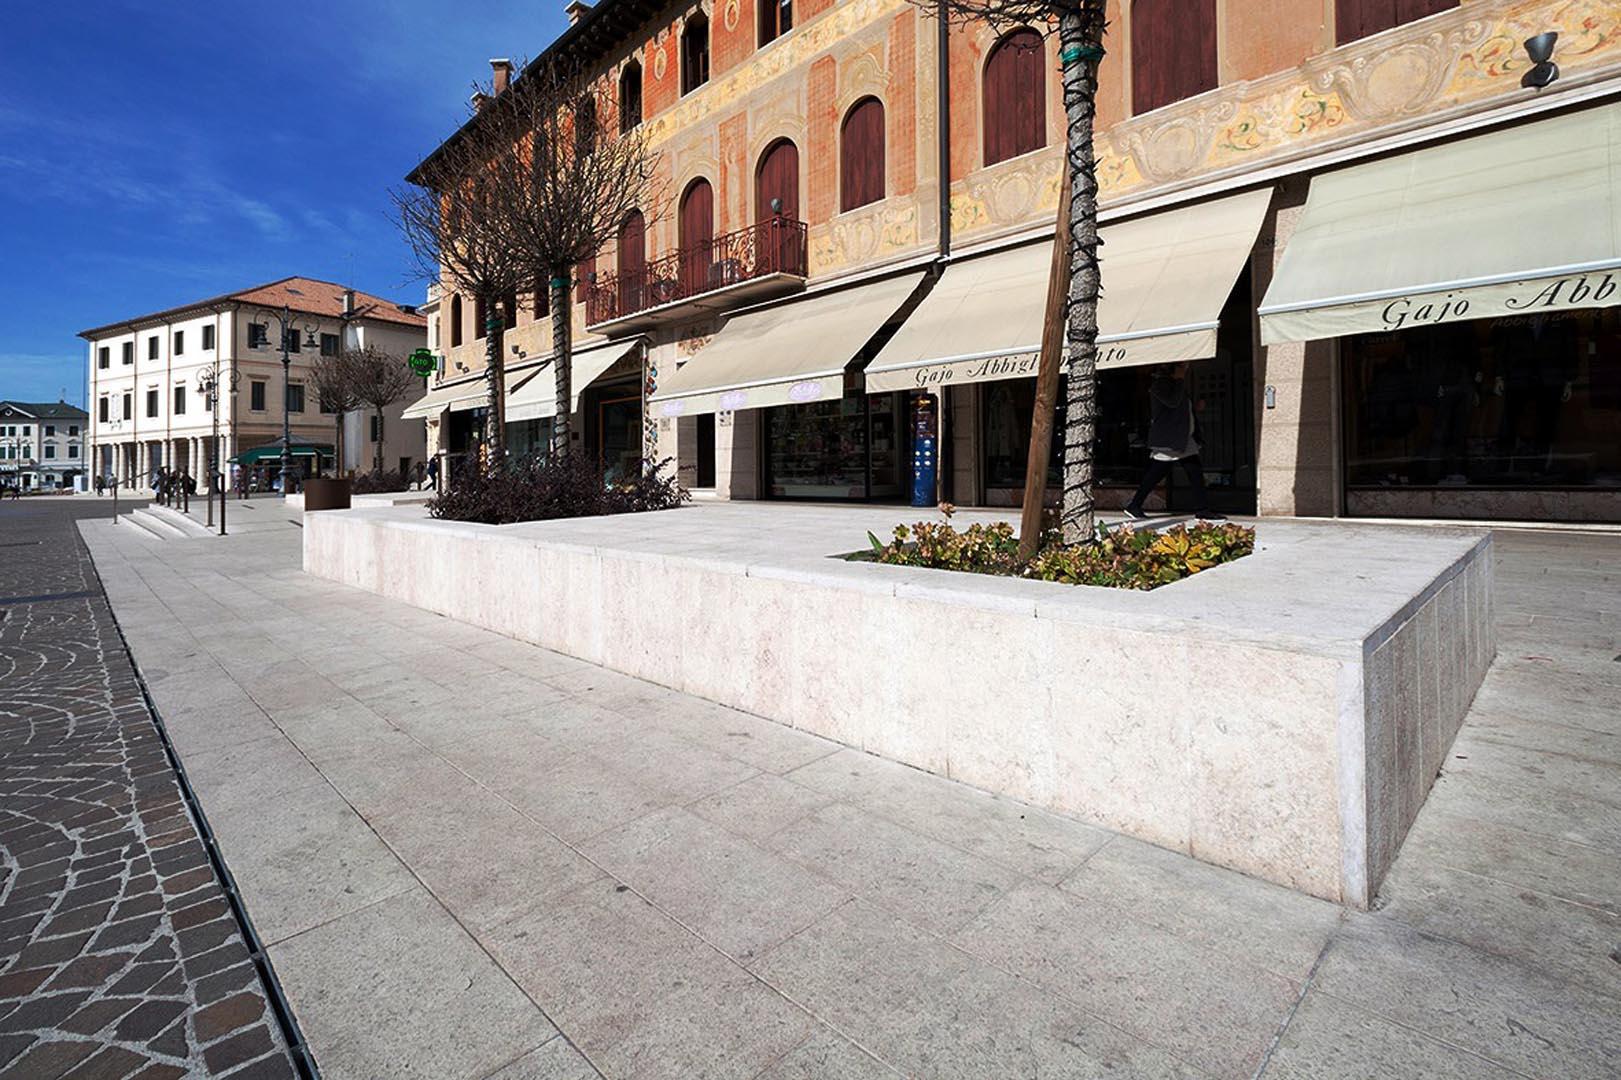 Pavimentazione di Piazza Monnet e Petrarca in Marmo Grolla